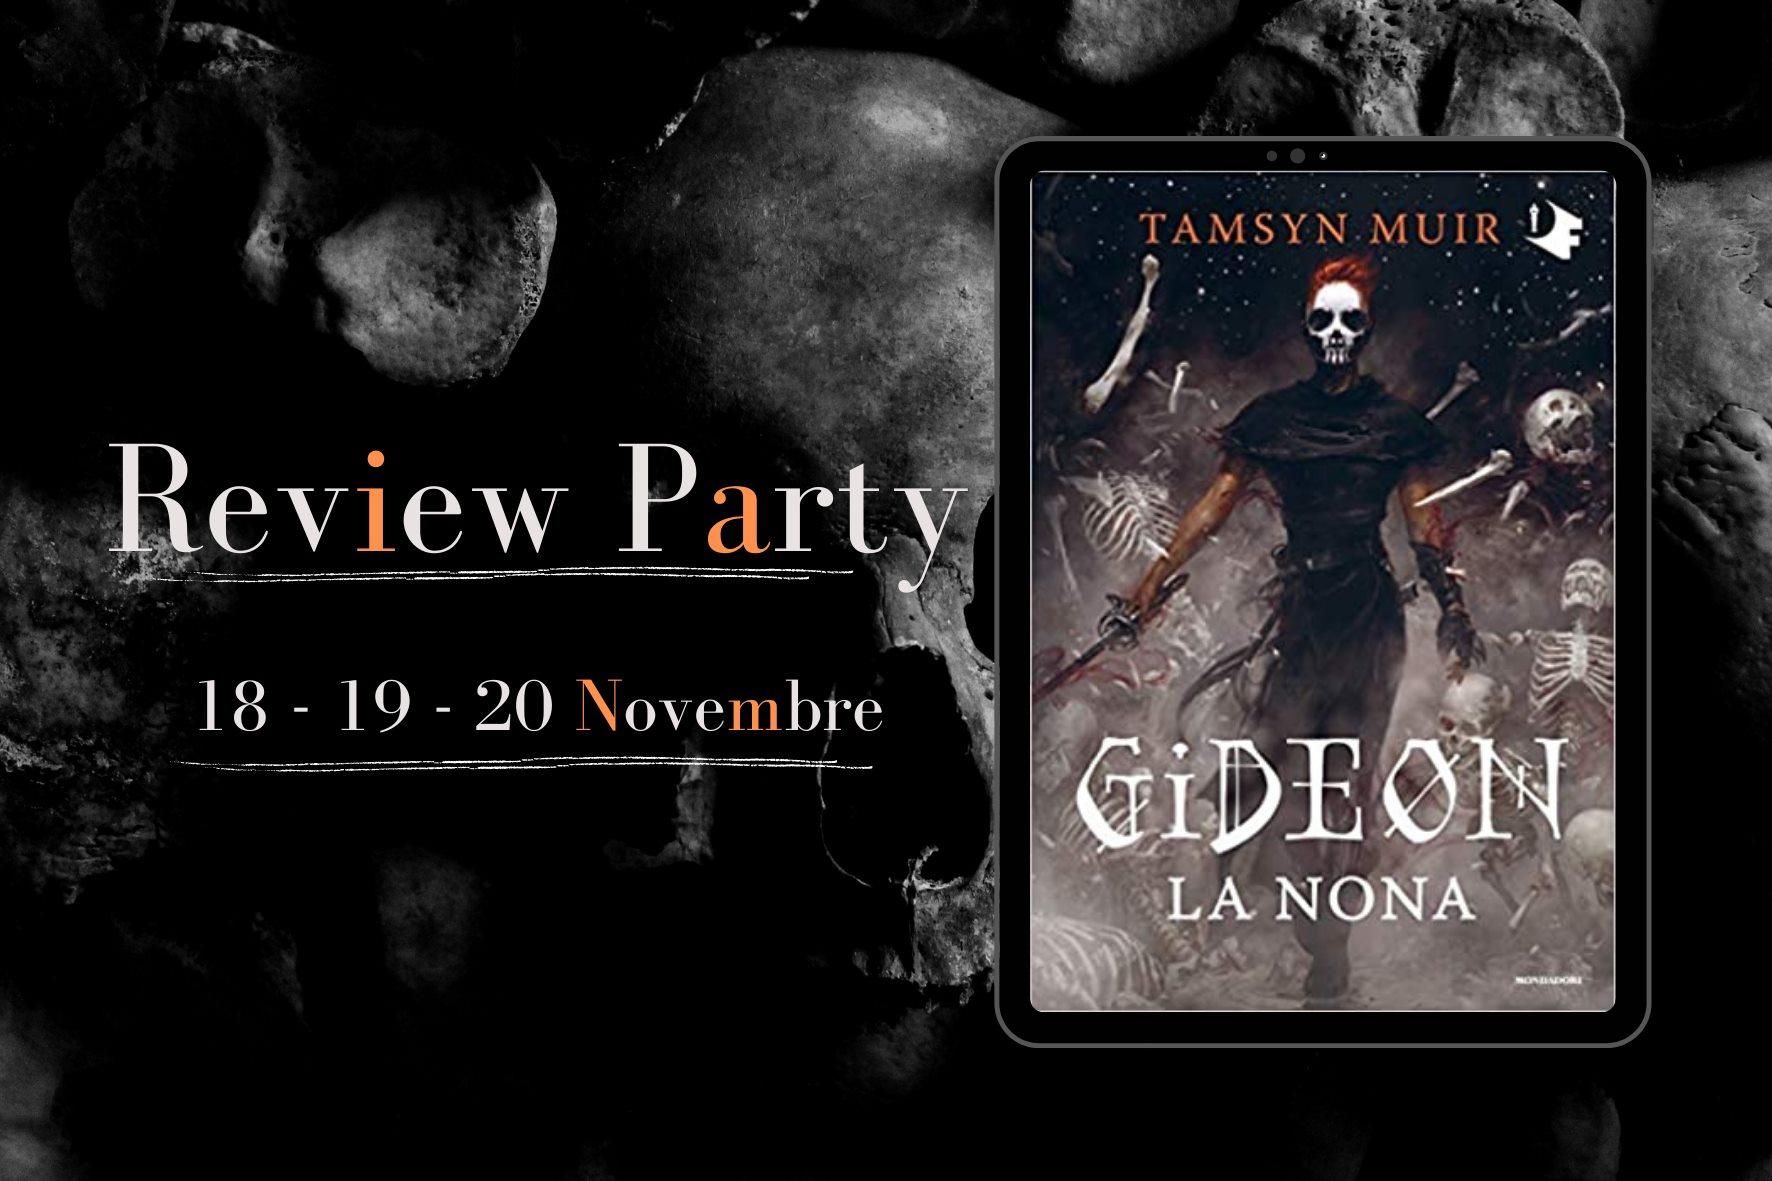 Review Party - Gideon la nona di Tamsyn Muir